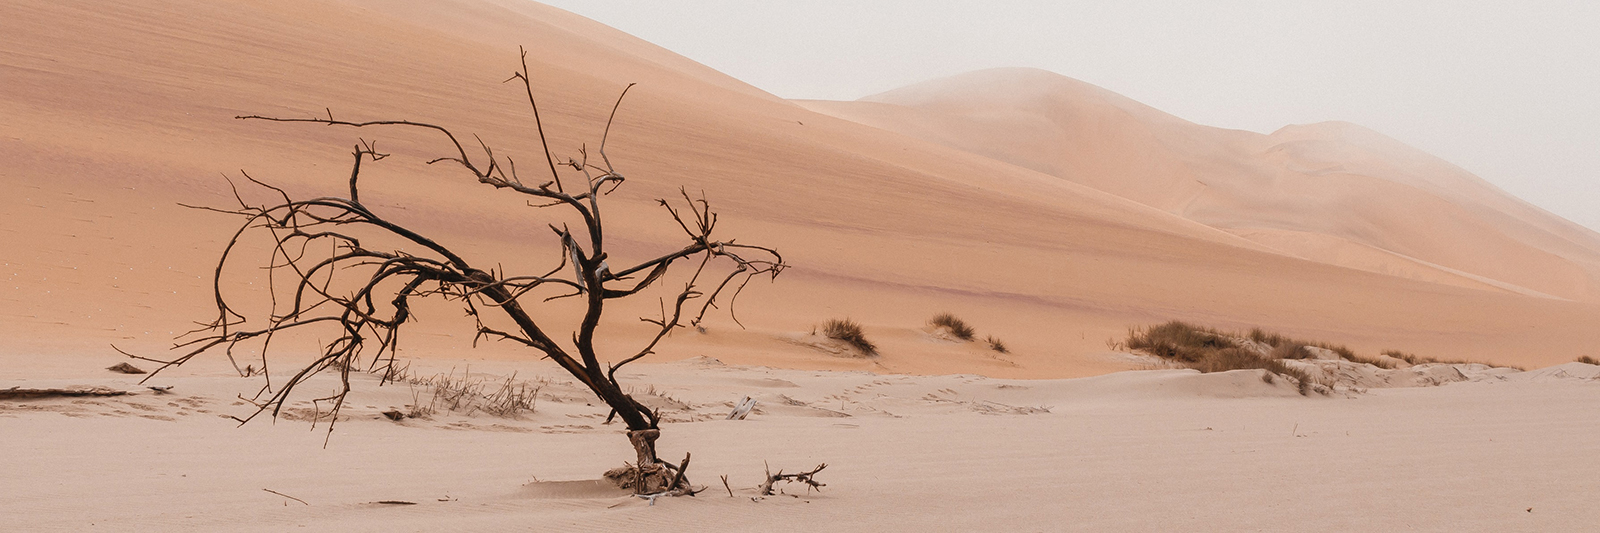 shrub in desert